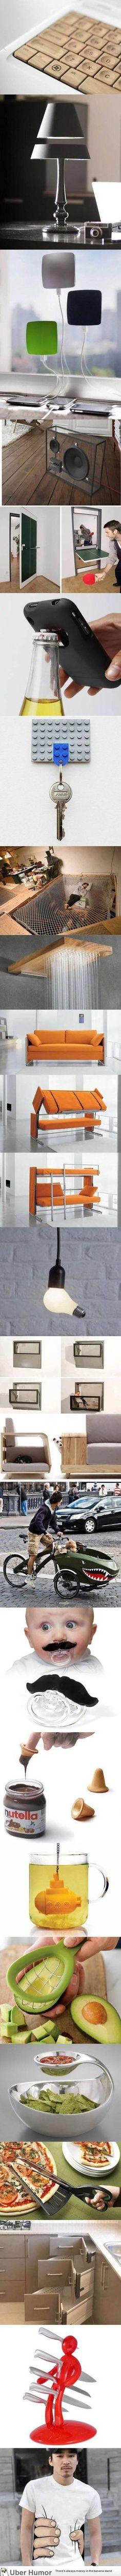 Inventos!! Los hay, muy necesarios como estupidos y graciosos....de todo un poco